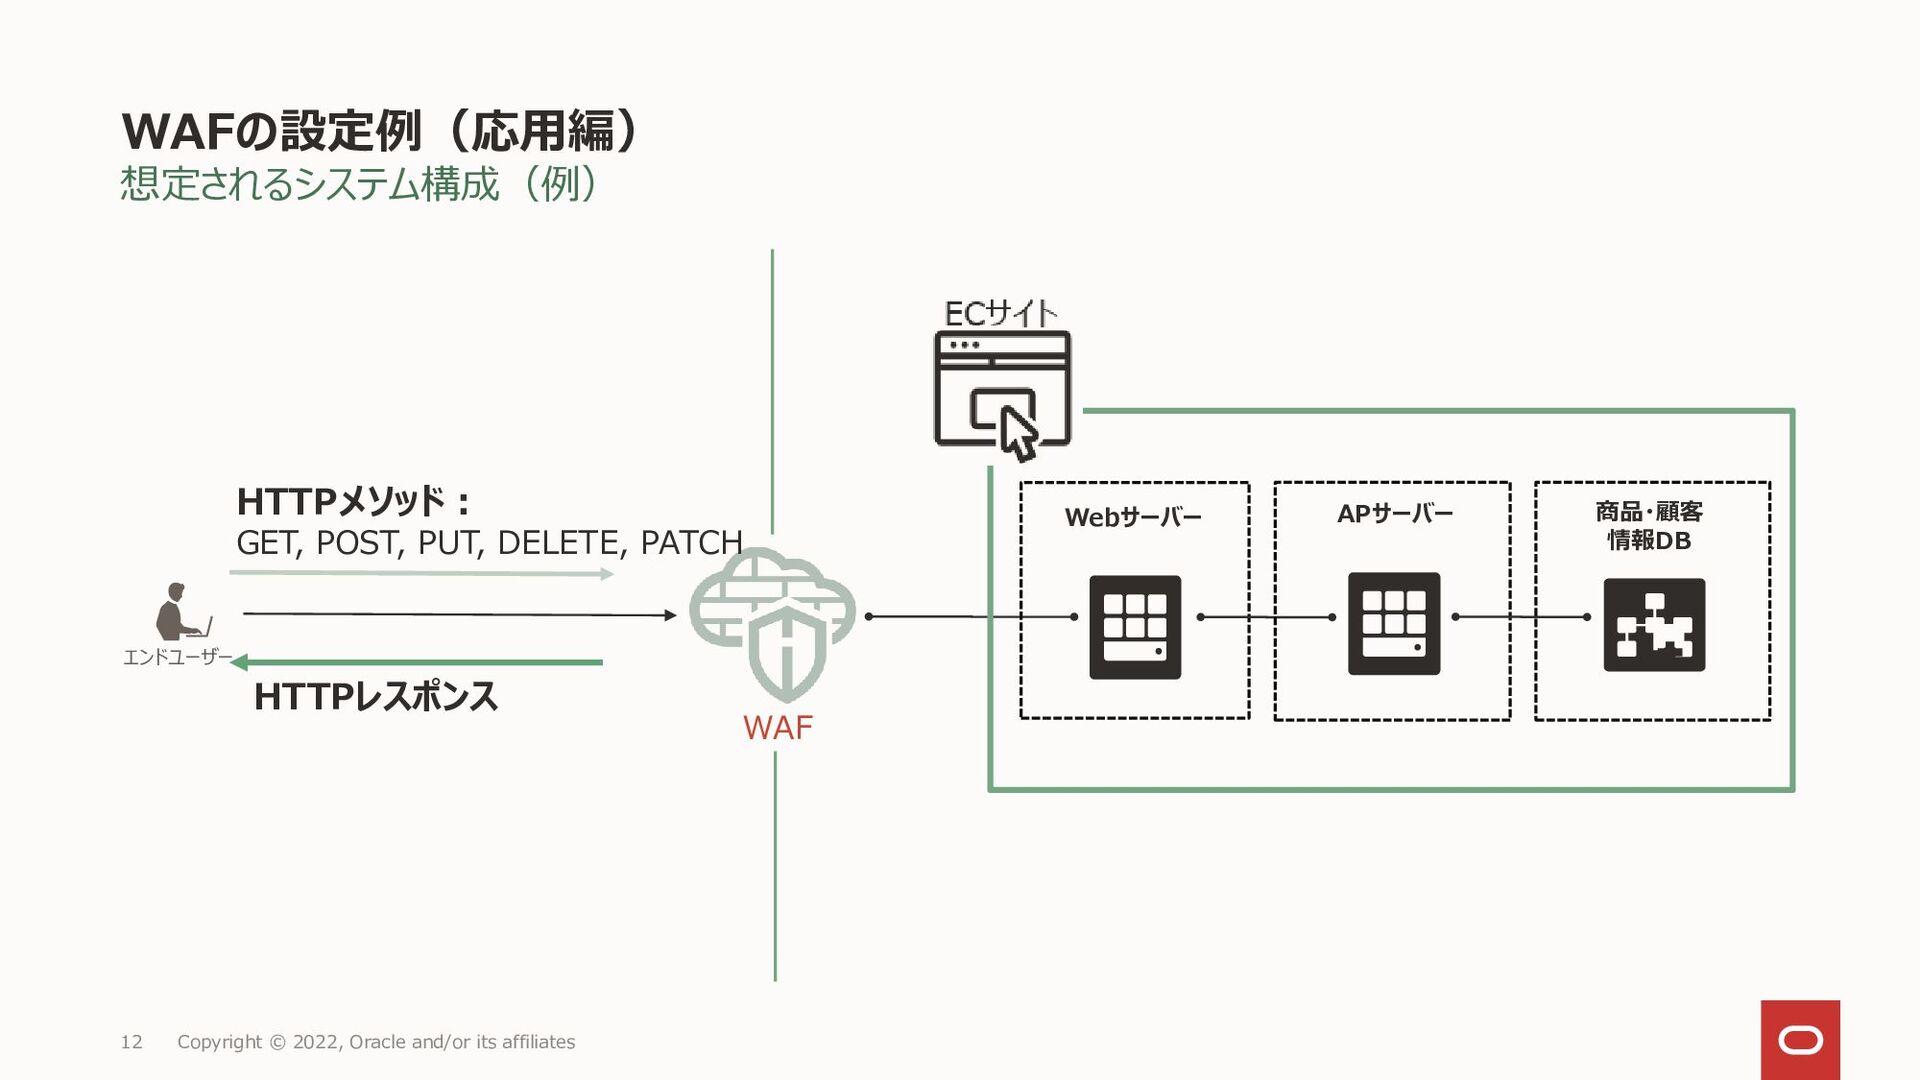 WAFルールの設定例(応用編) ユースケース②: 脆弱性を悪用した攻撃からアプリケーションを保...